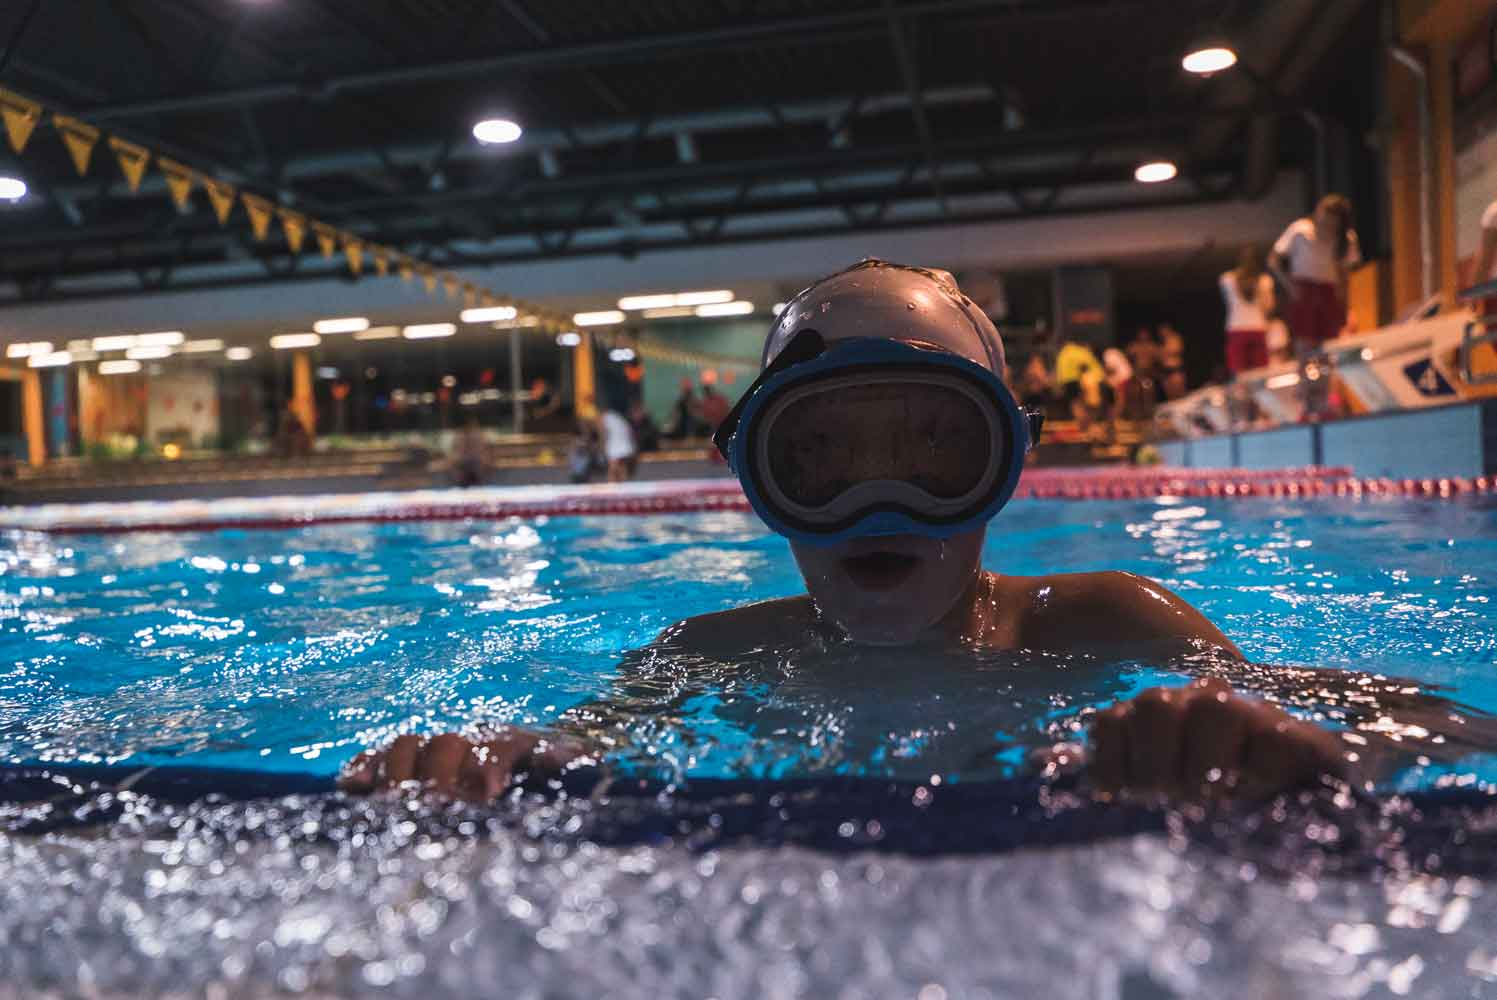 Традиционный Ночной заплыв – в ином формате